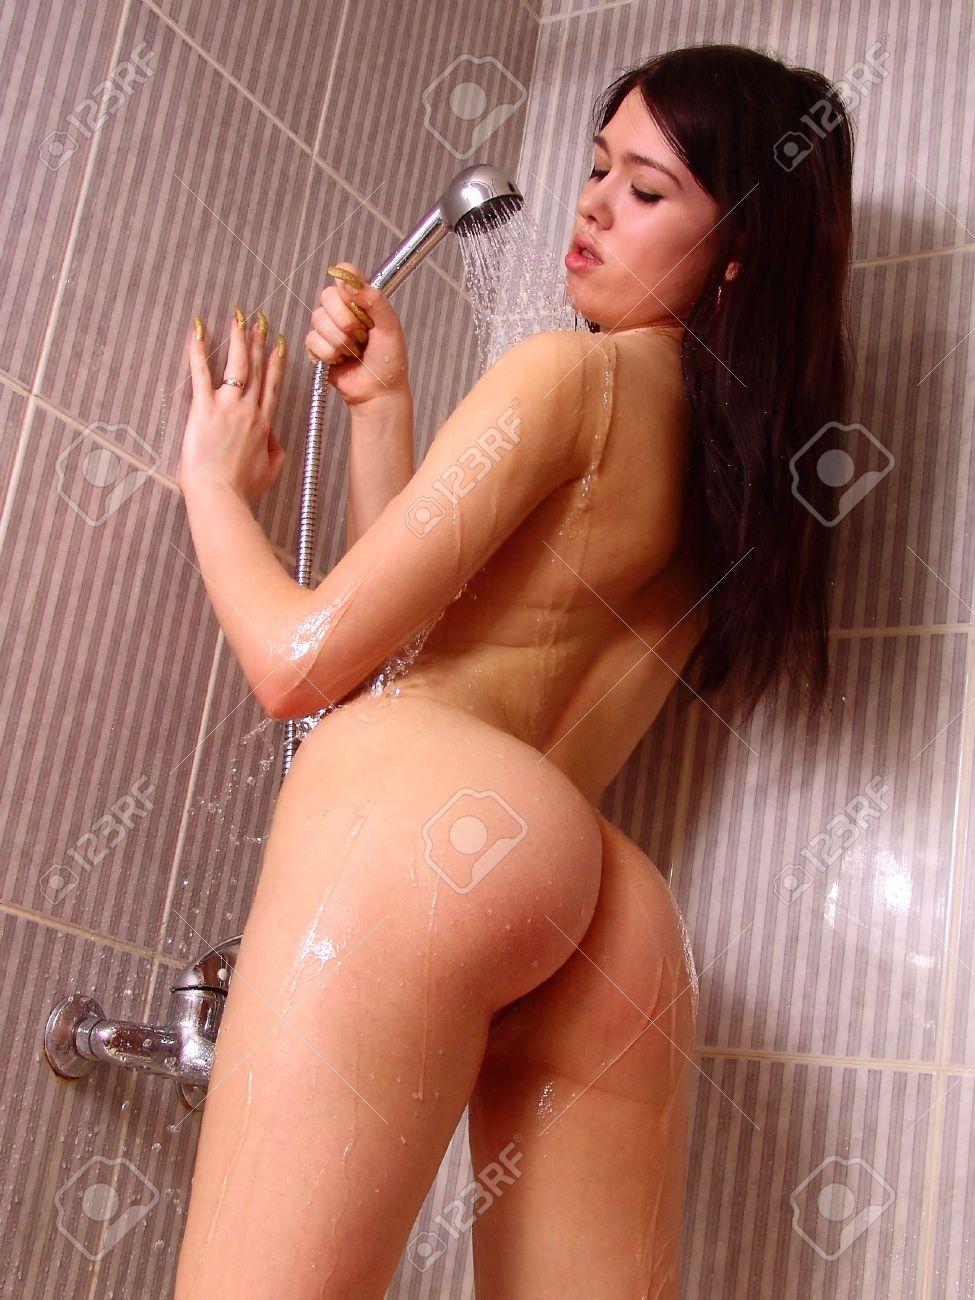 Hermosa Chica Morena Desnudas En La Ducha Cuarto De Baño Habitación